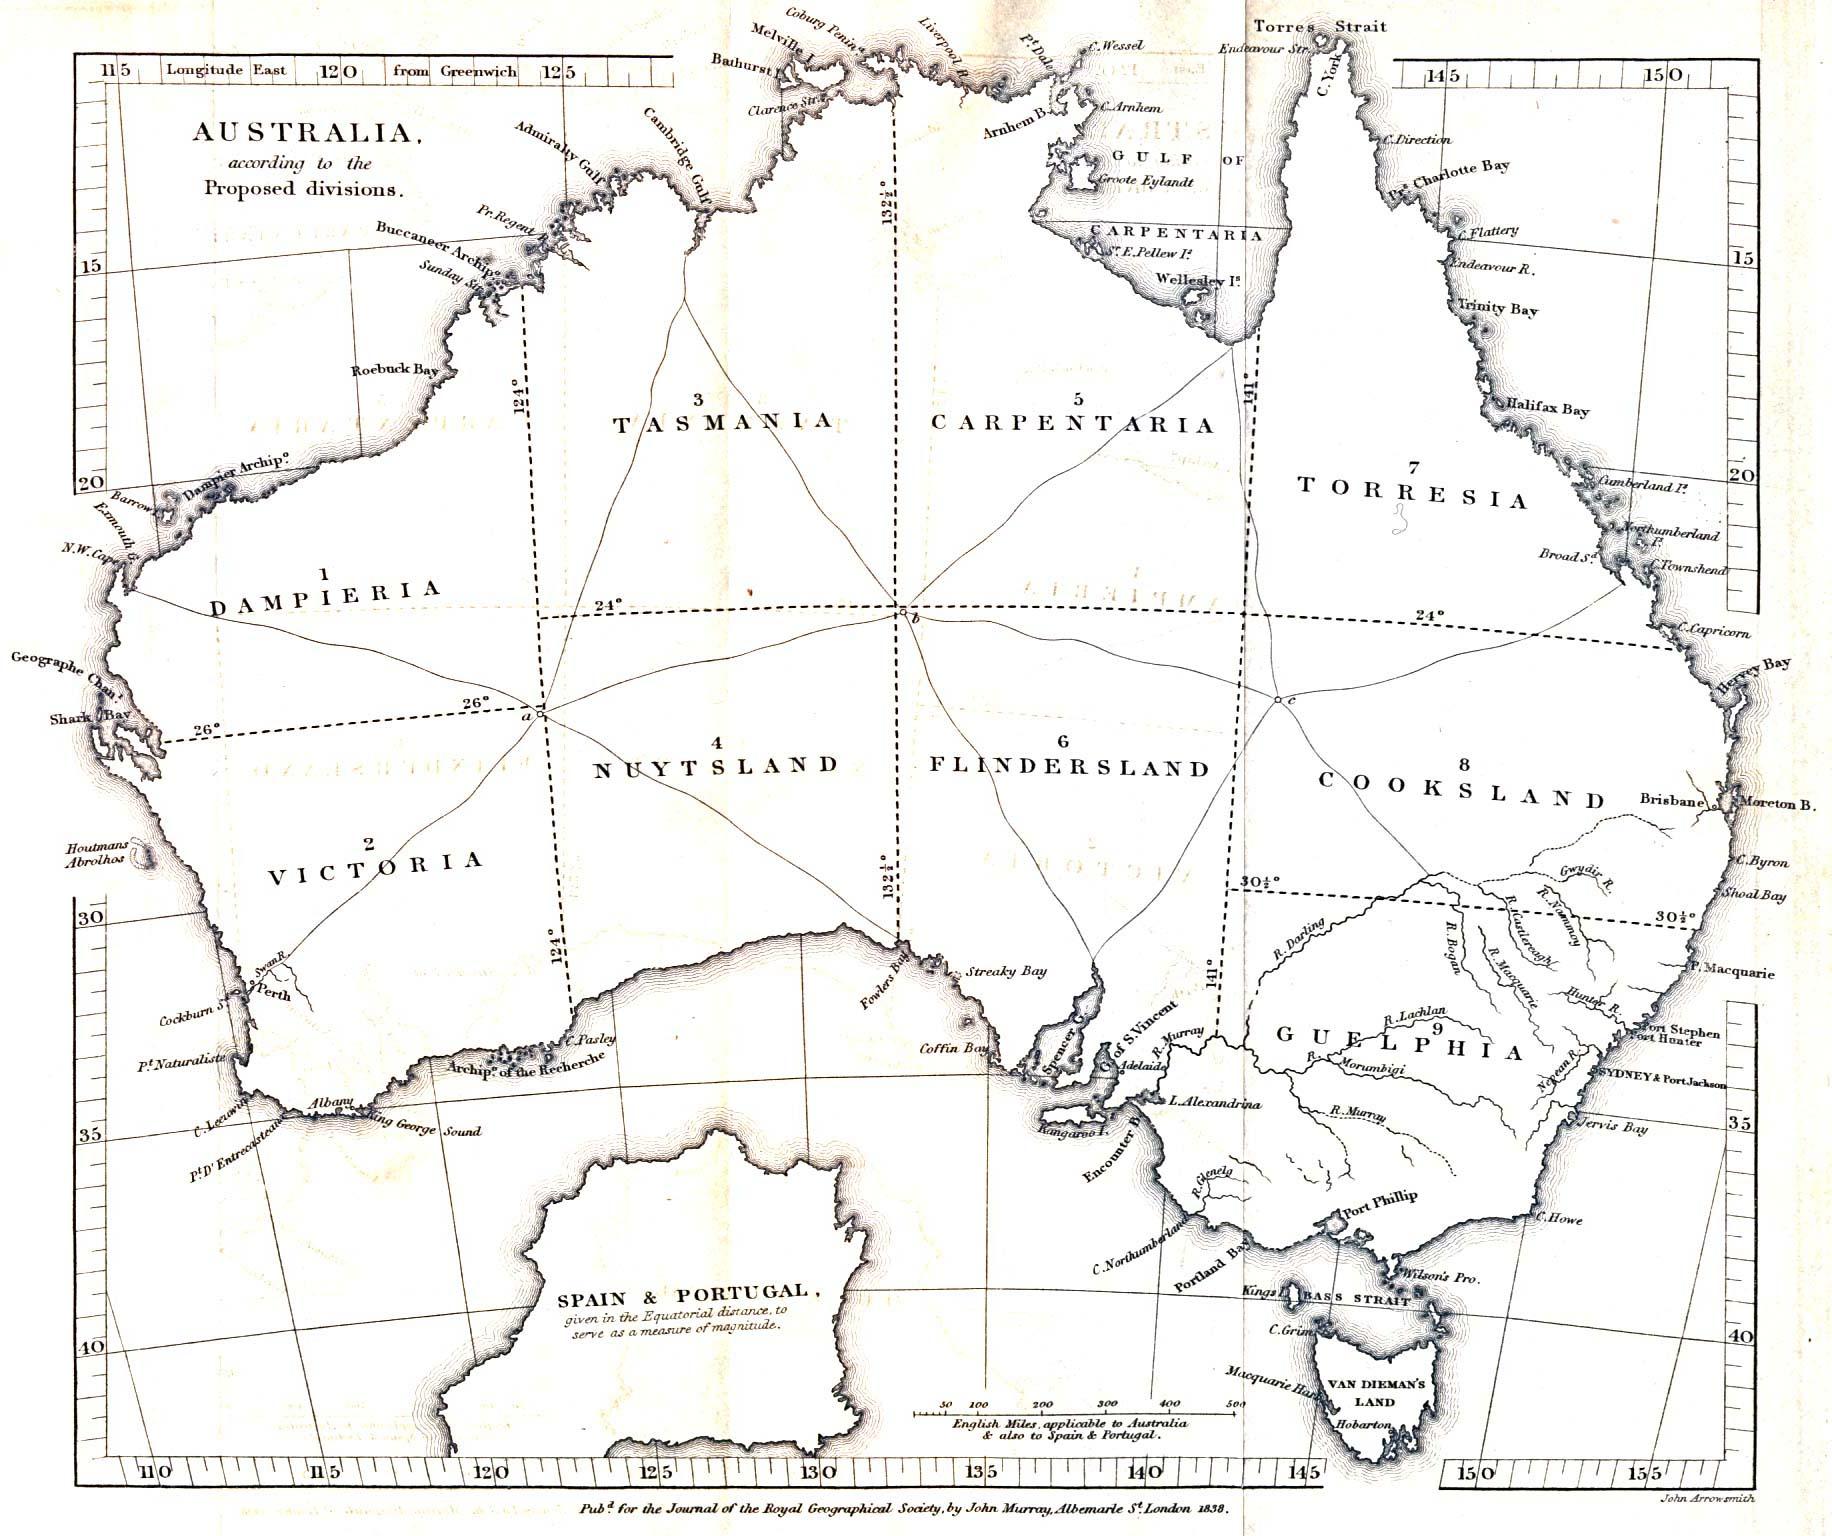 Australia Proposed Divisions 1838